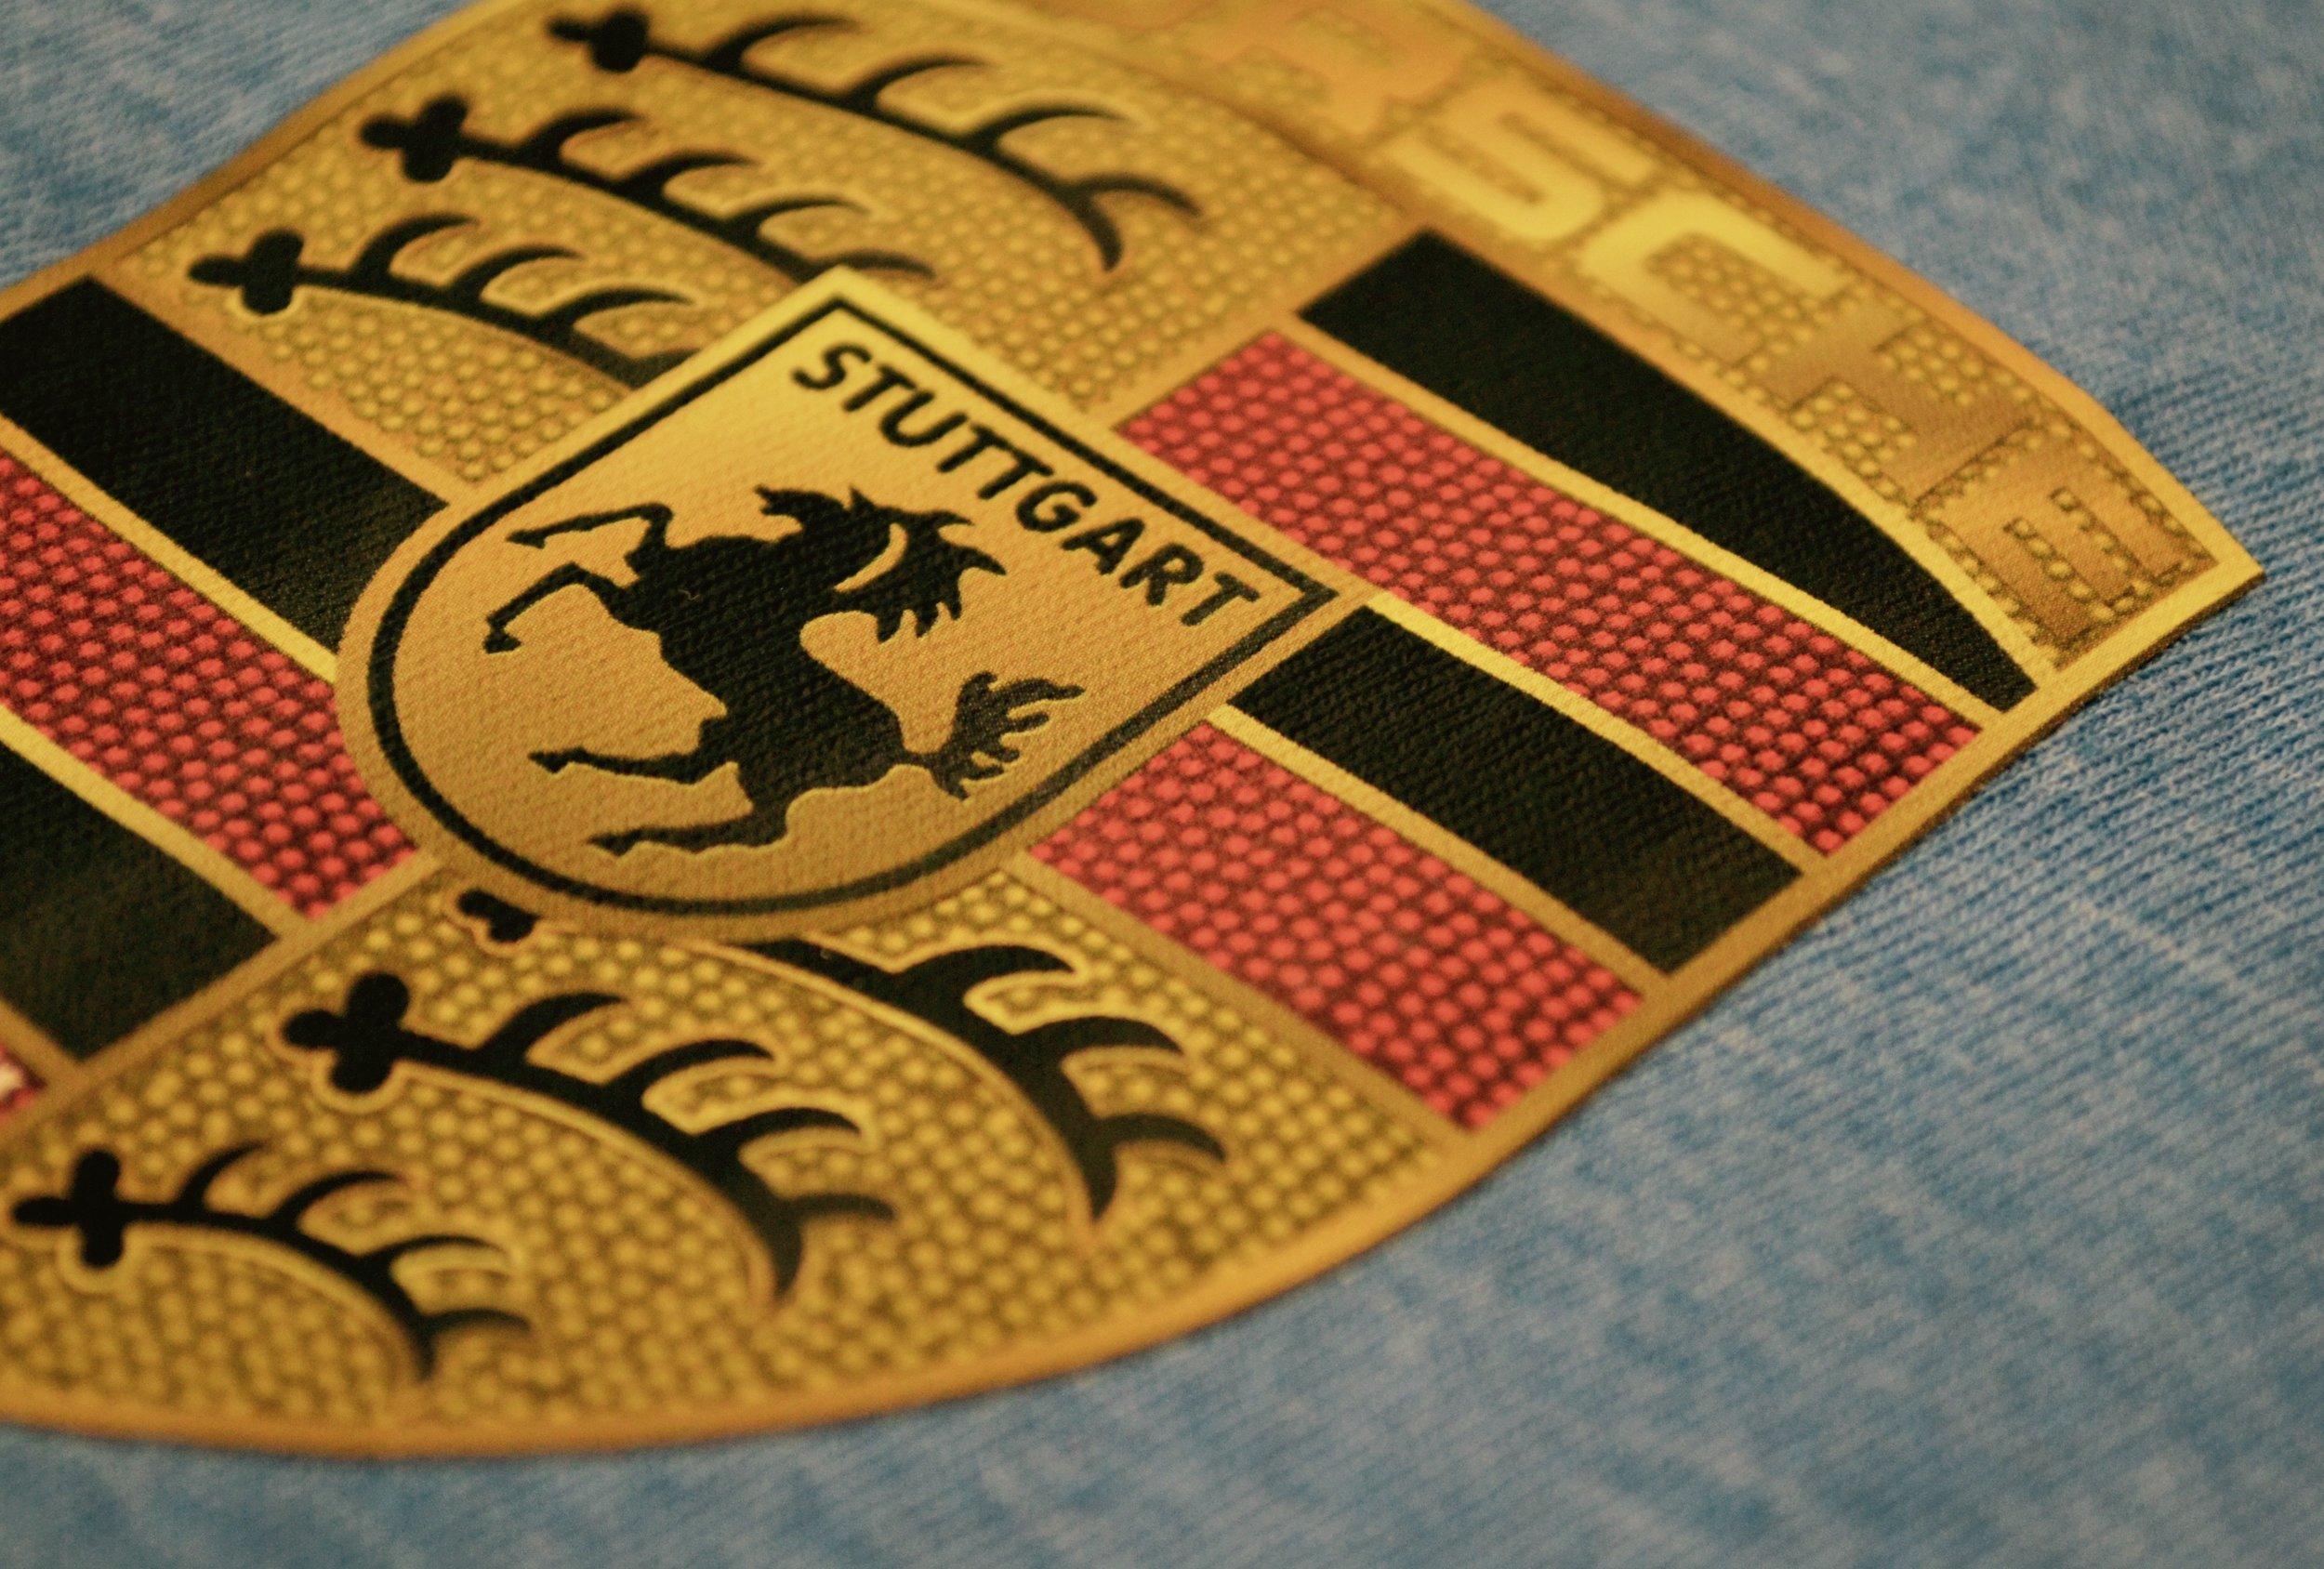 logounltd laseretching embroiderykirkland embroiderybellevue embroideryseattle embroideryredmond screenprintingkirkland screenprintingseattle promotionalproductskirkland promotionalproductsbellevue 15.jpg